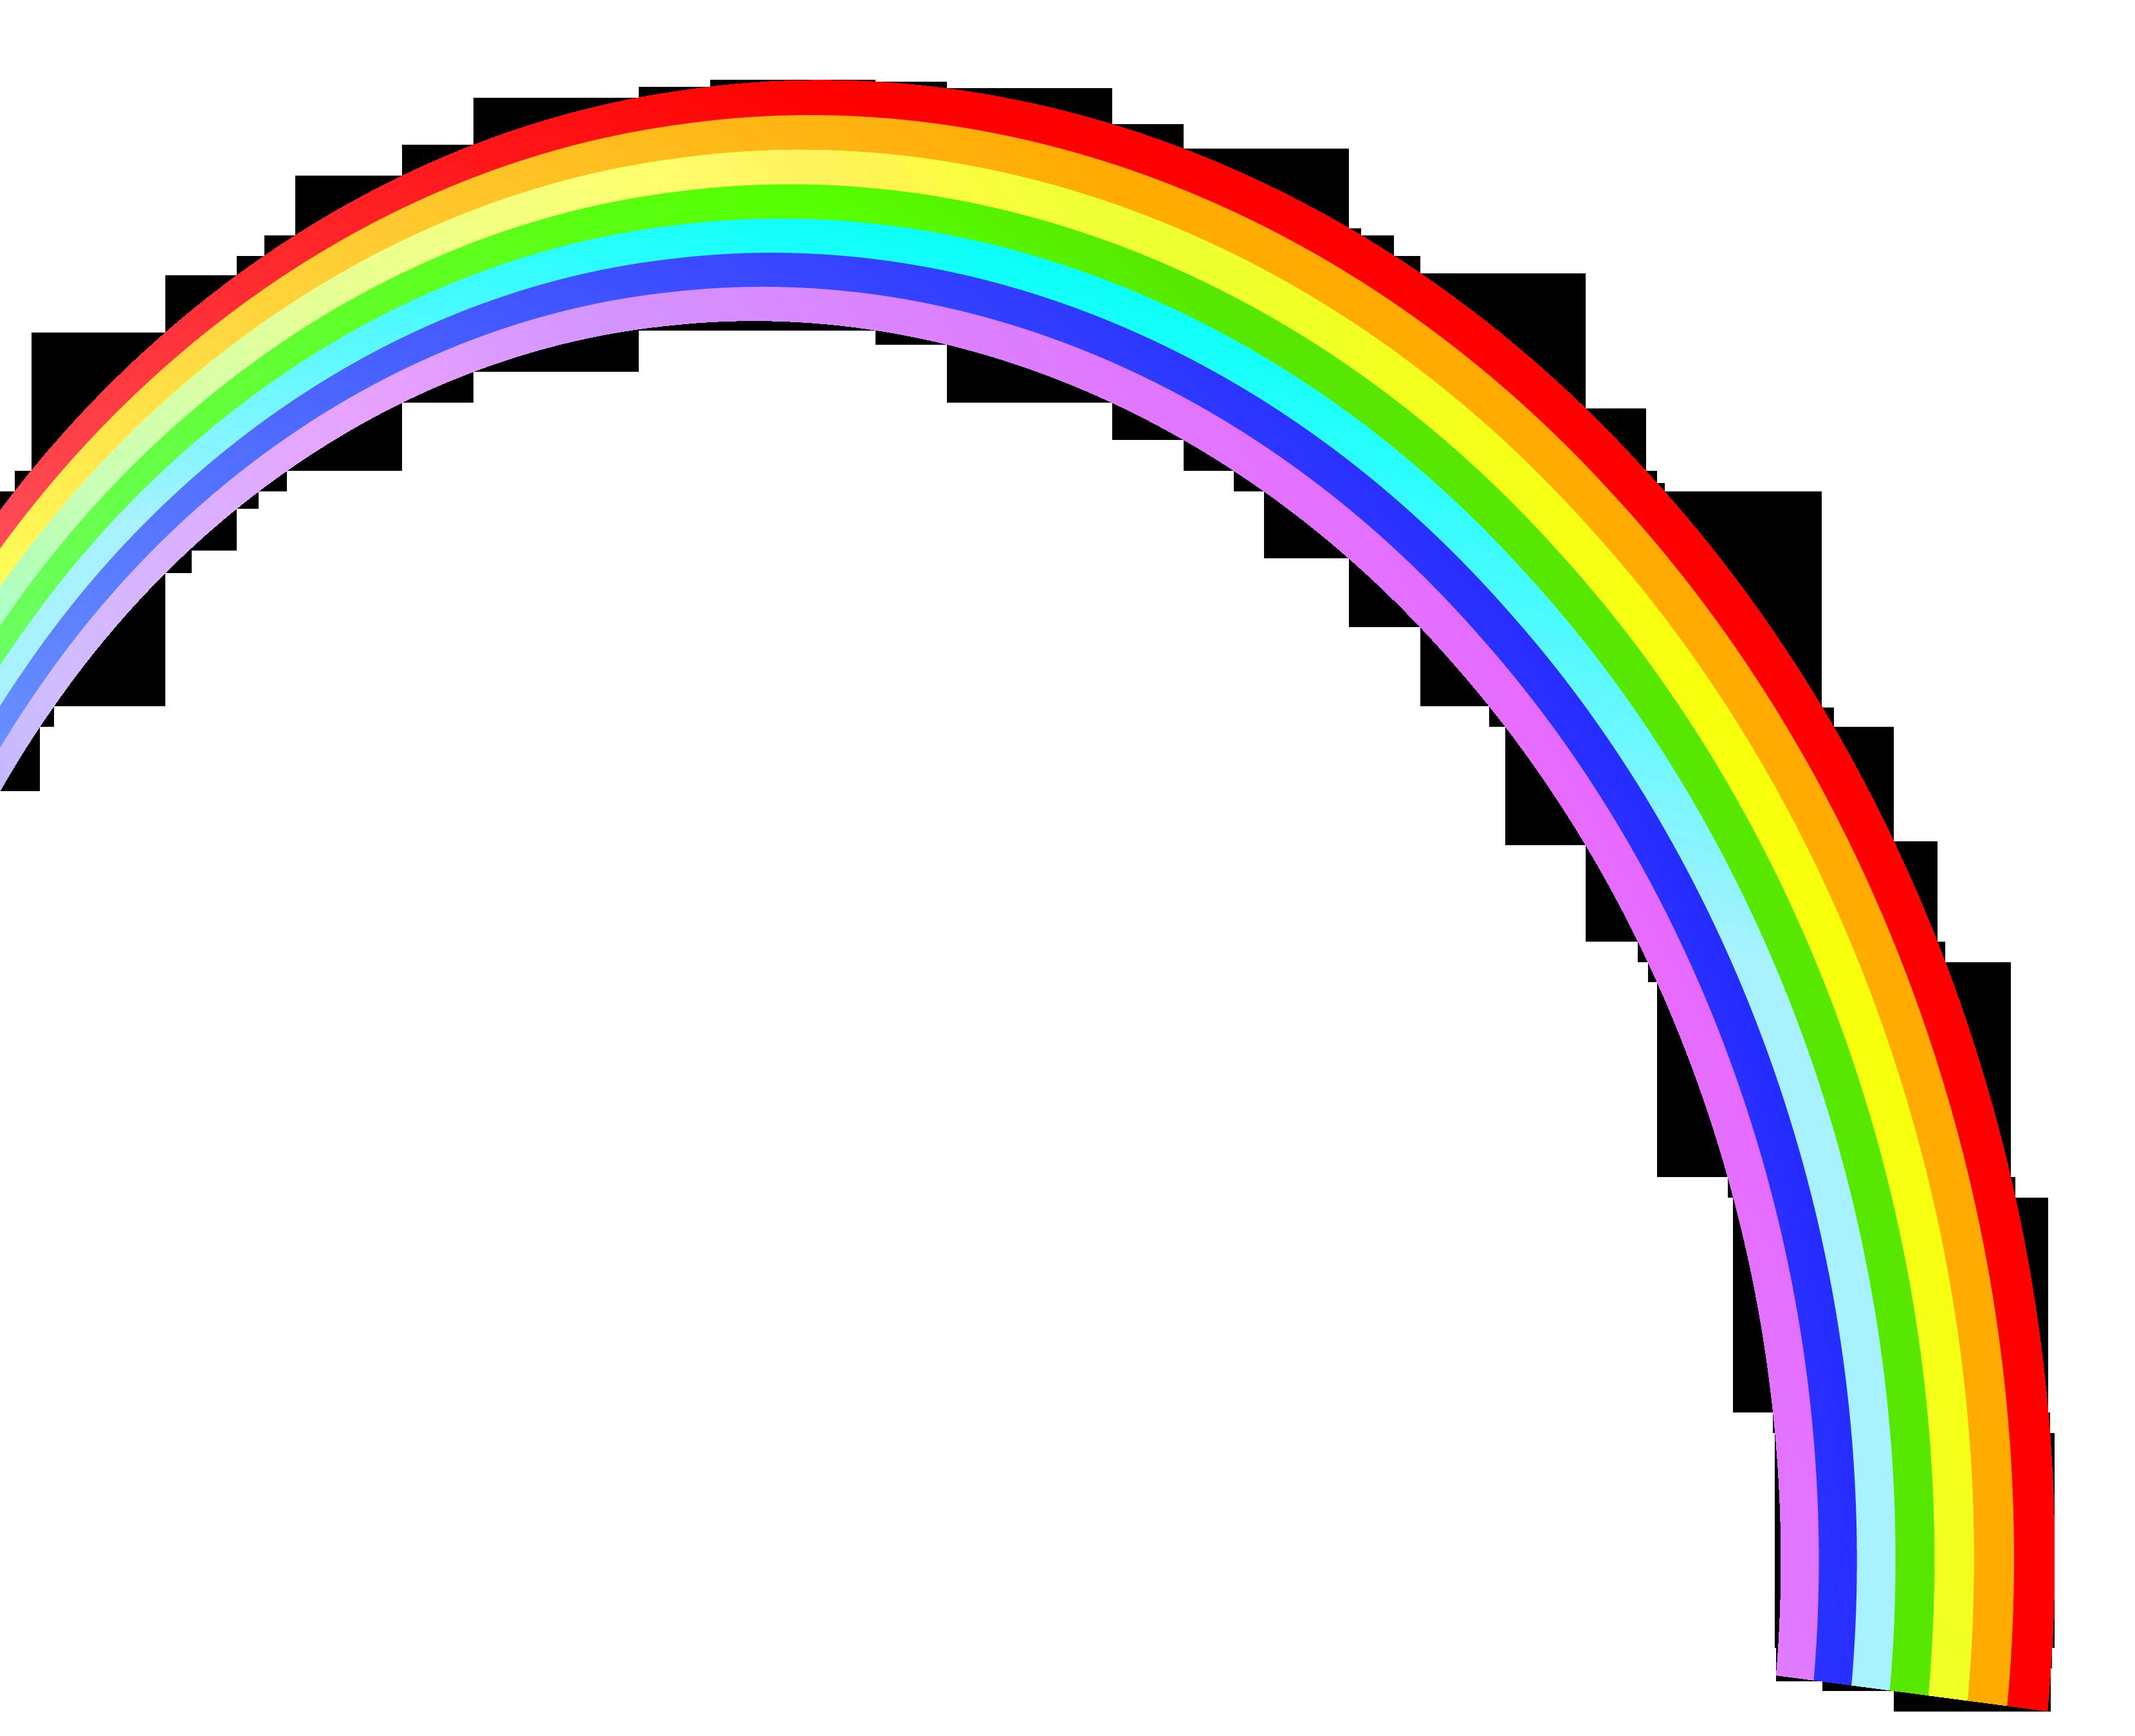 Rainbow clipart 0 2